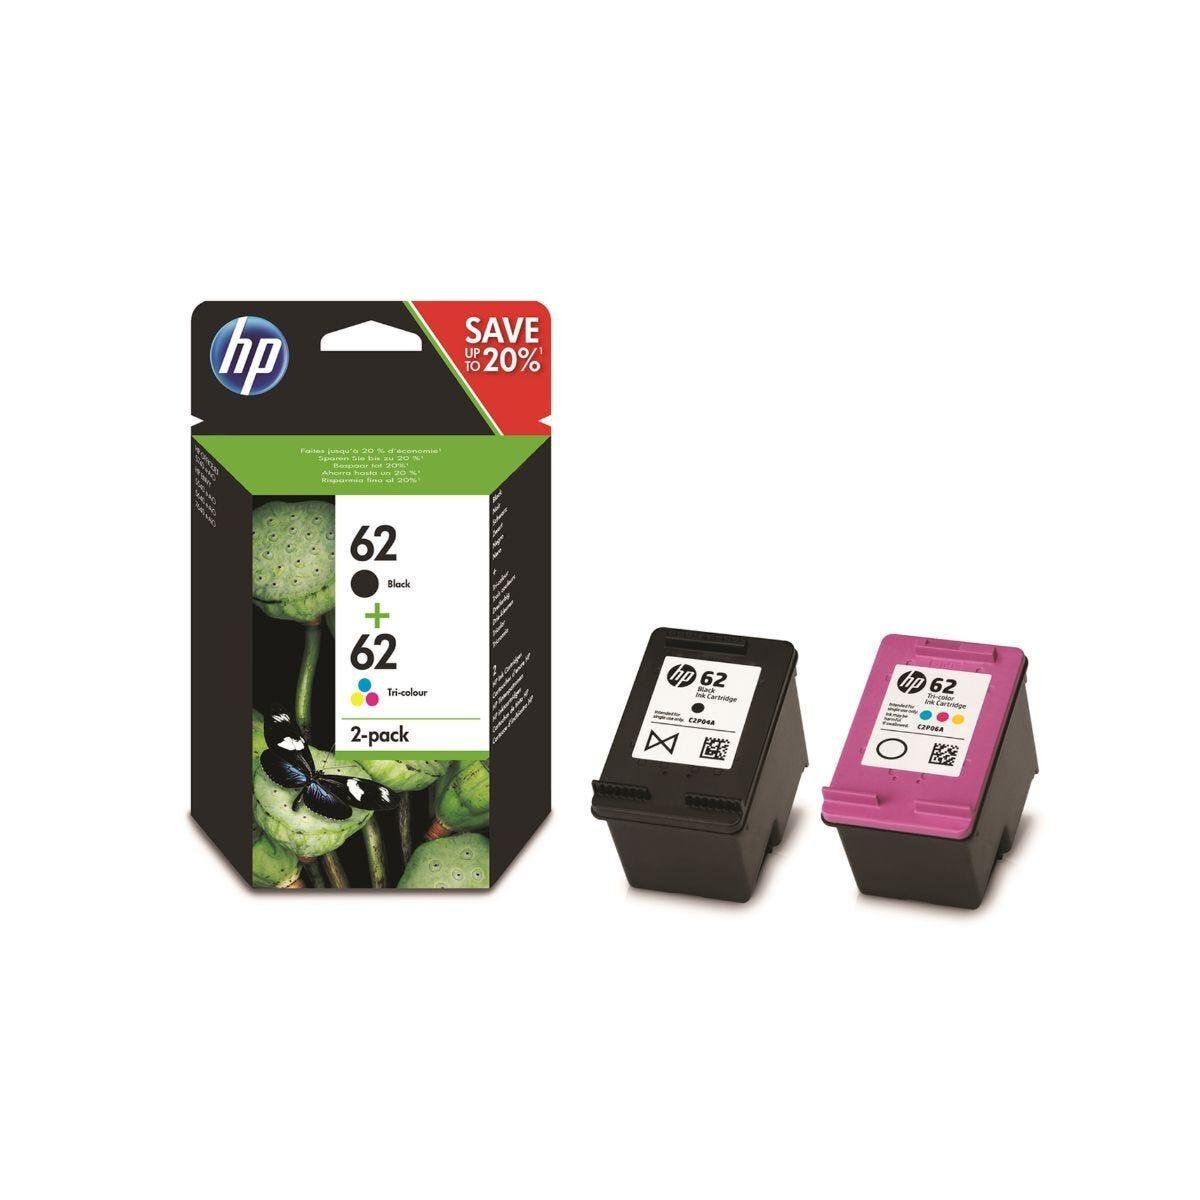 HP 62 Original Ink Cartridge Combo 2 Pack